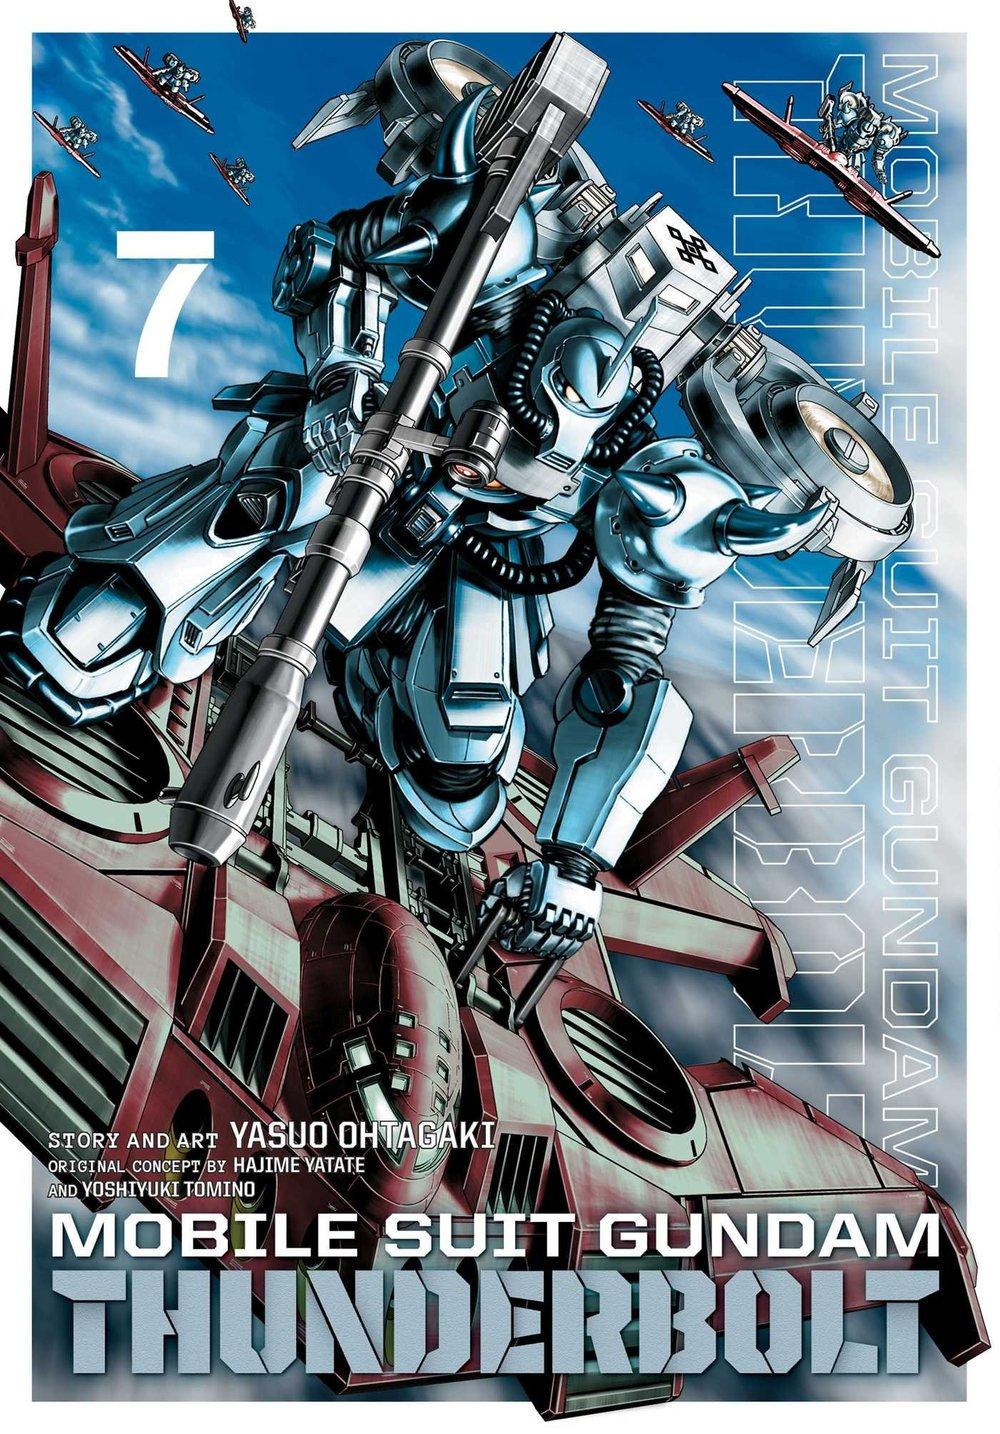 - 2. Mobile Suit Gundam: Thunderbolt by Yasuo Ohtagaki (Viz)